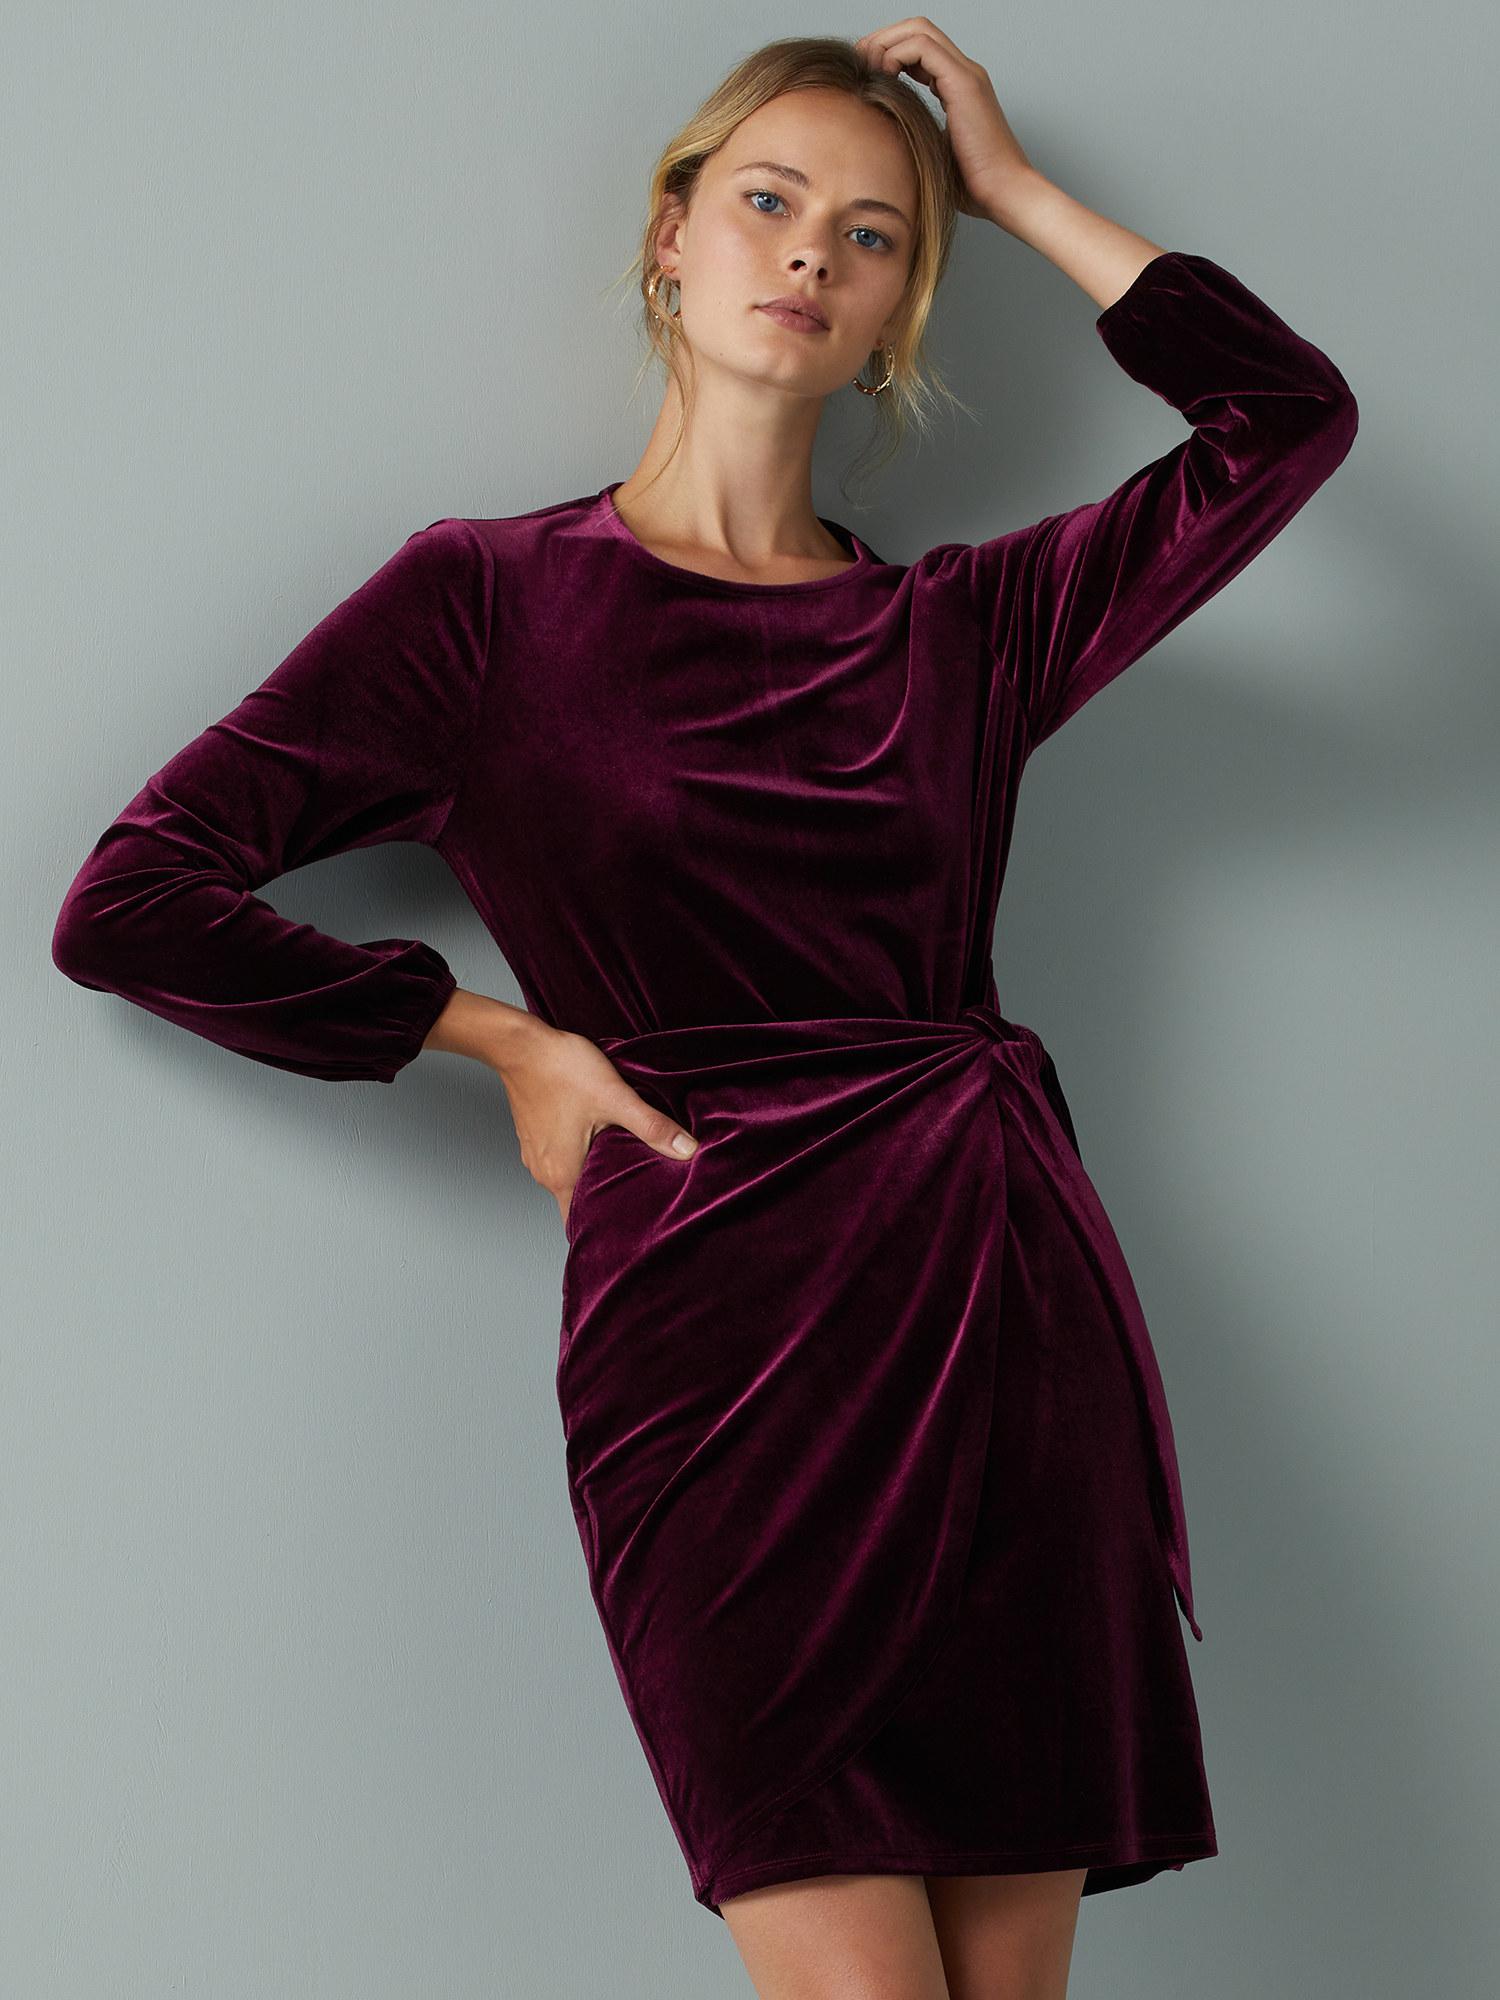 Model wearing velvet tie dress